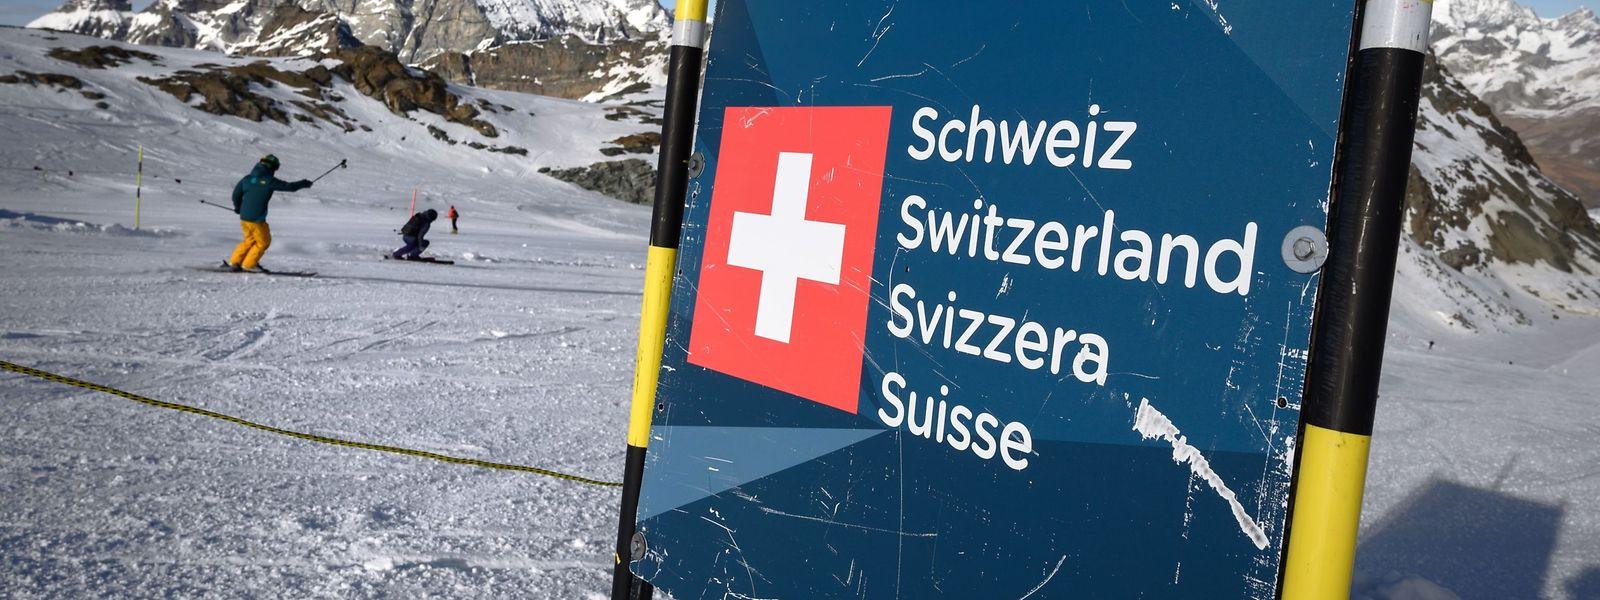 Seit Februar war Luxemburg auf der Liste der Risikoländer - was etwa einen Skiurlaub unmöglich machte.